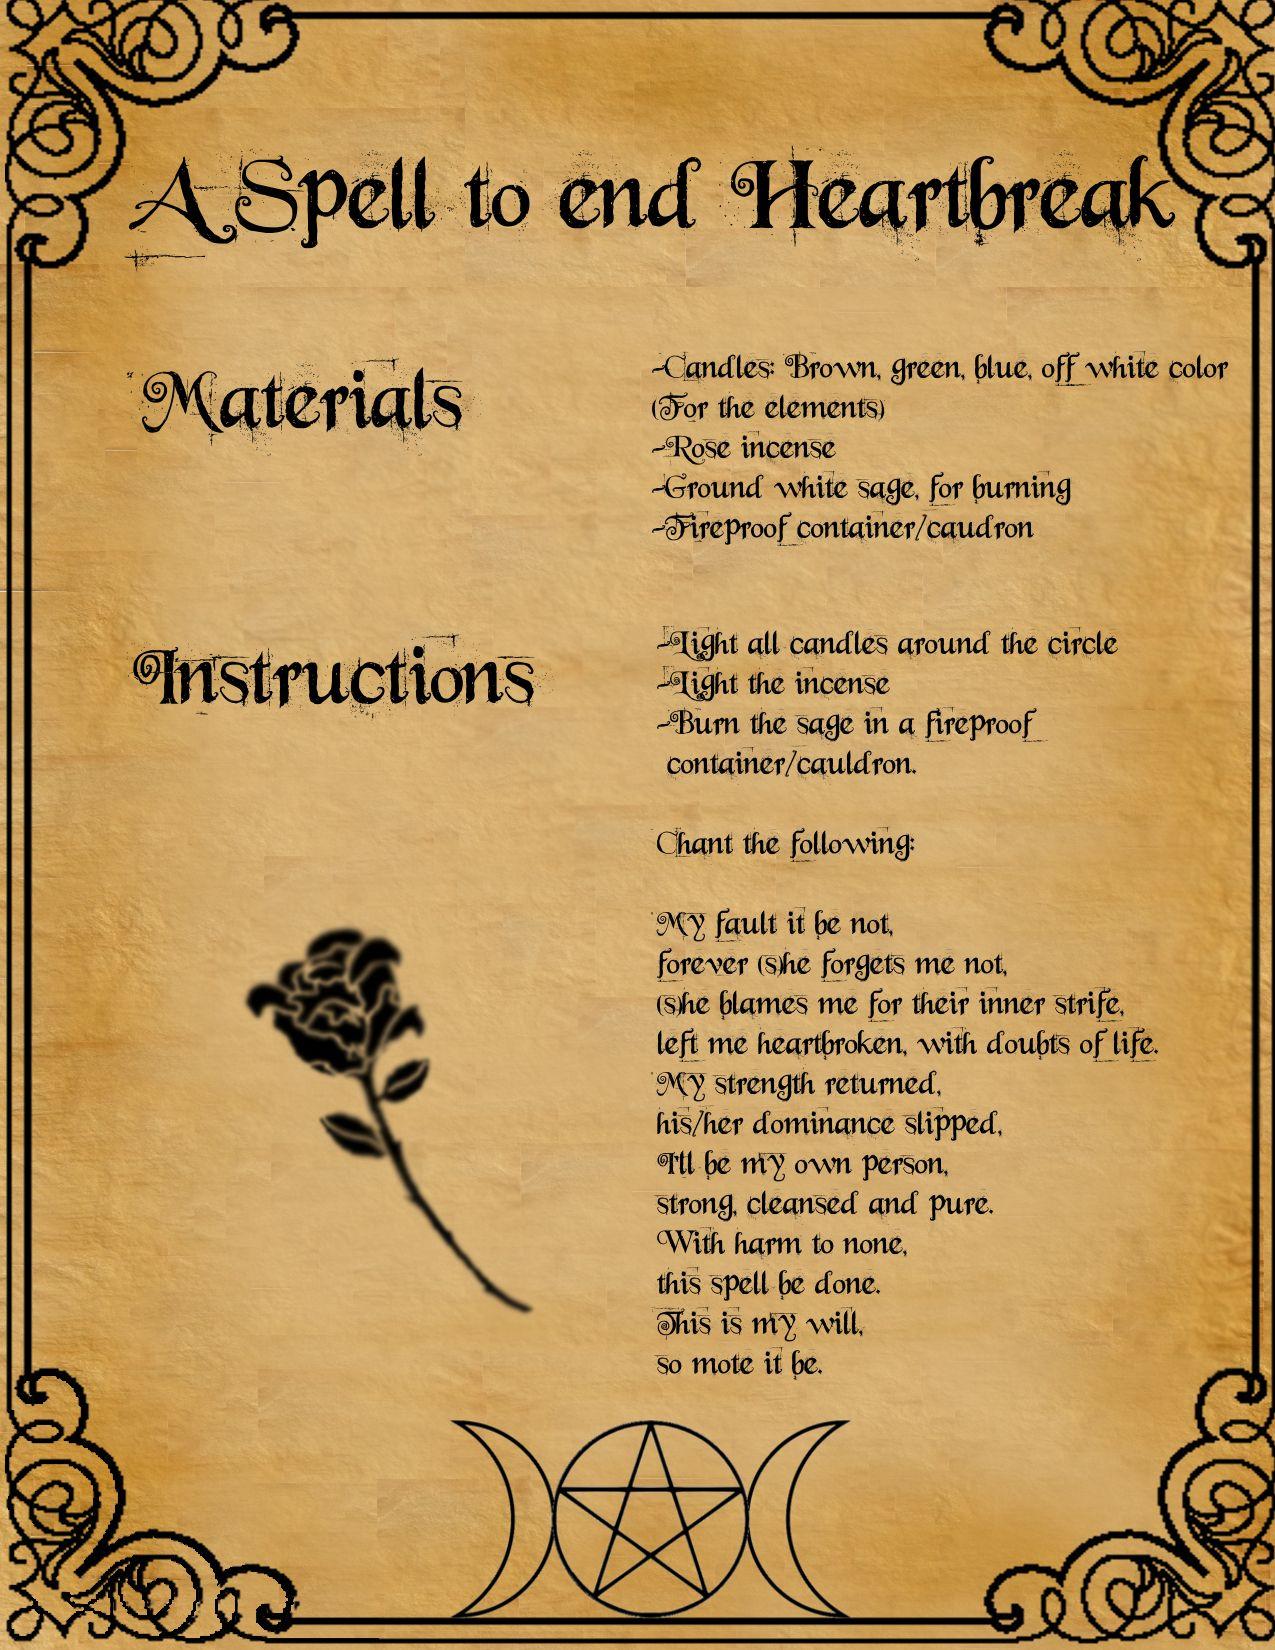 a_spell_to_end_heartbreak_by_minimissmelissa-d5uahln.jpg (1275×1650)